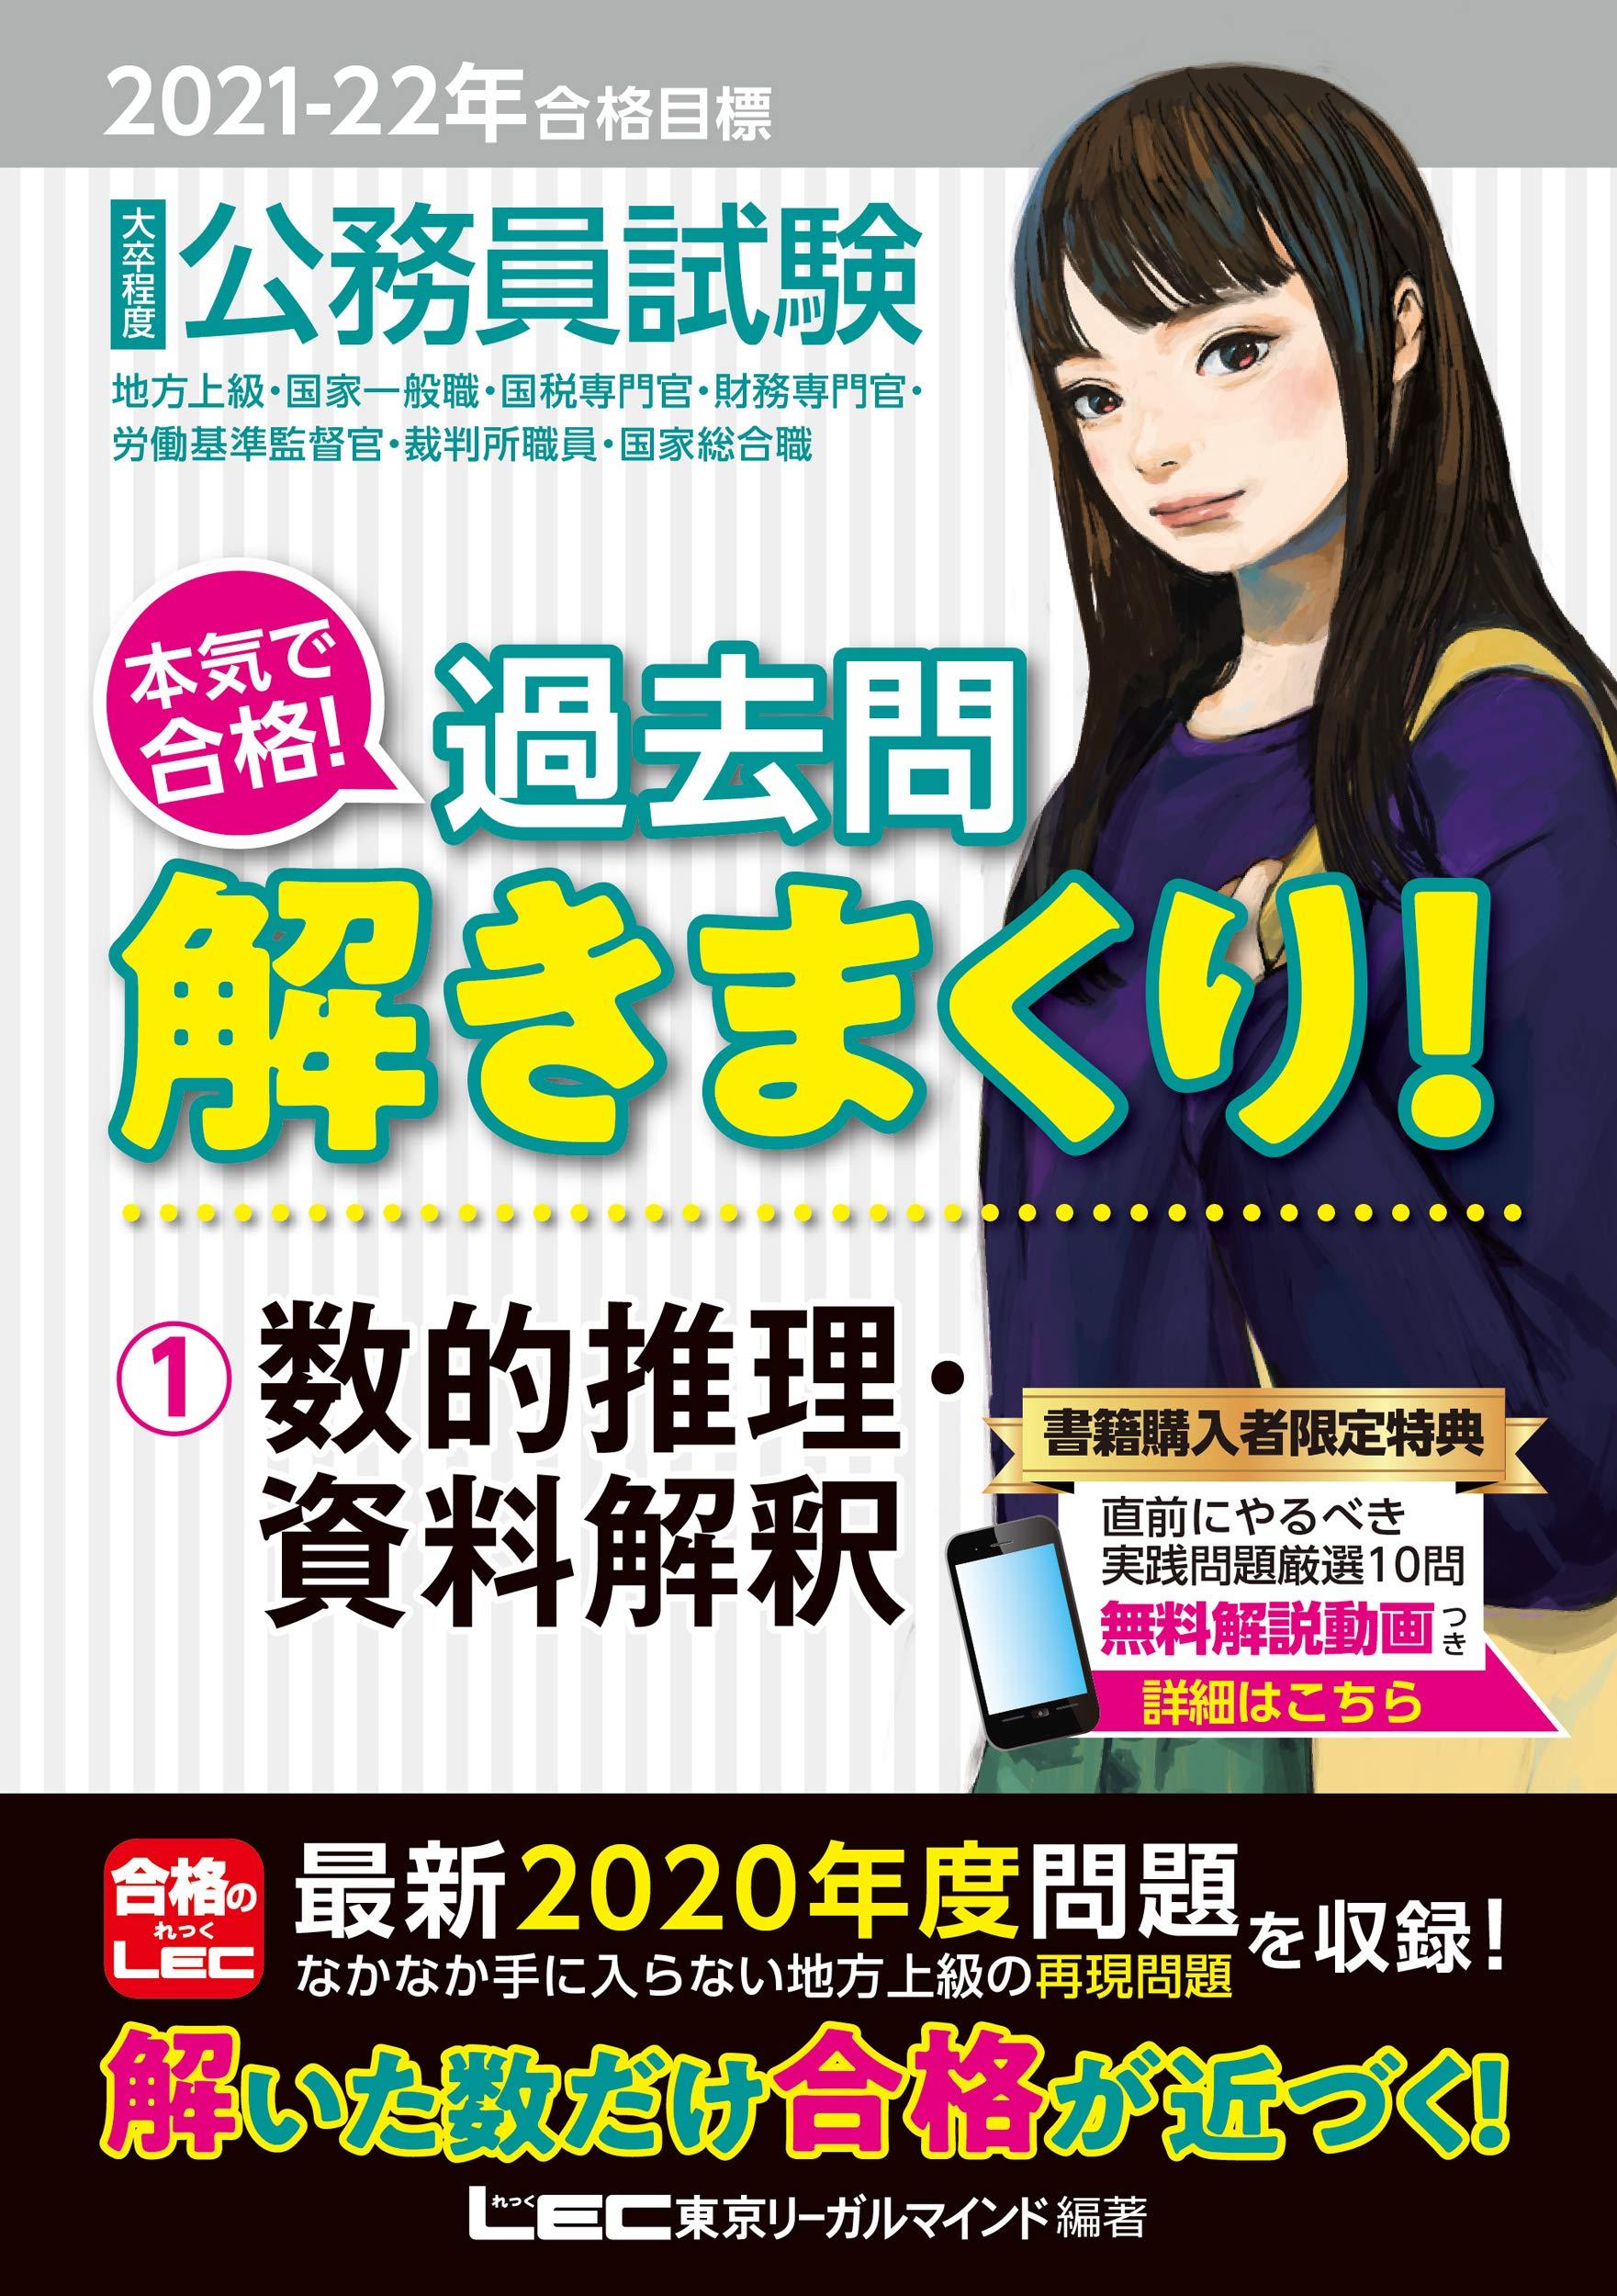 東京リーガルマインド『2021~2022年合格目標 公務員試験 本気で合格!過去問解きまくり! 数的推理・資料解釈』